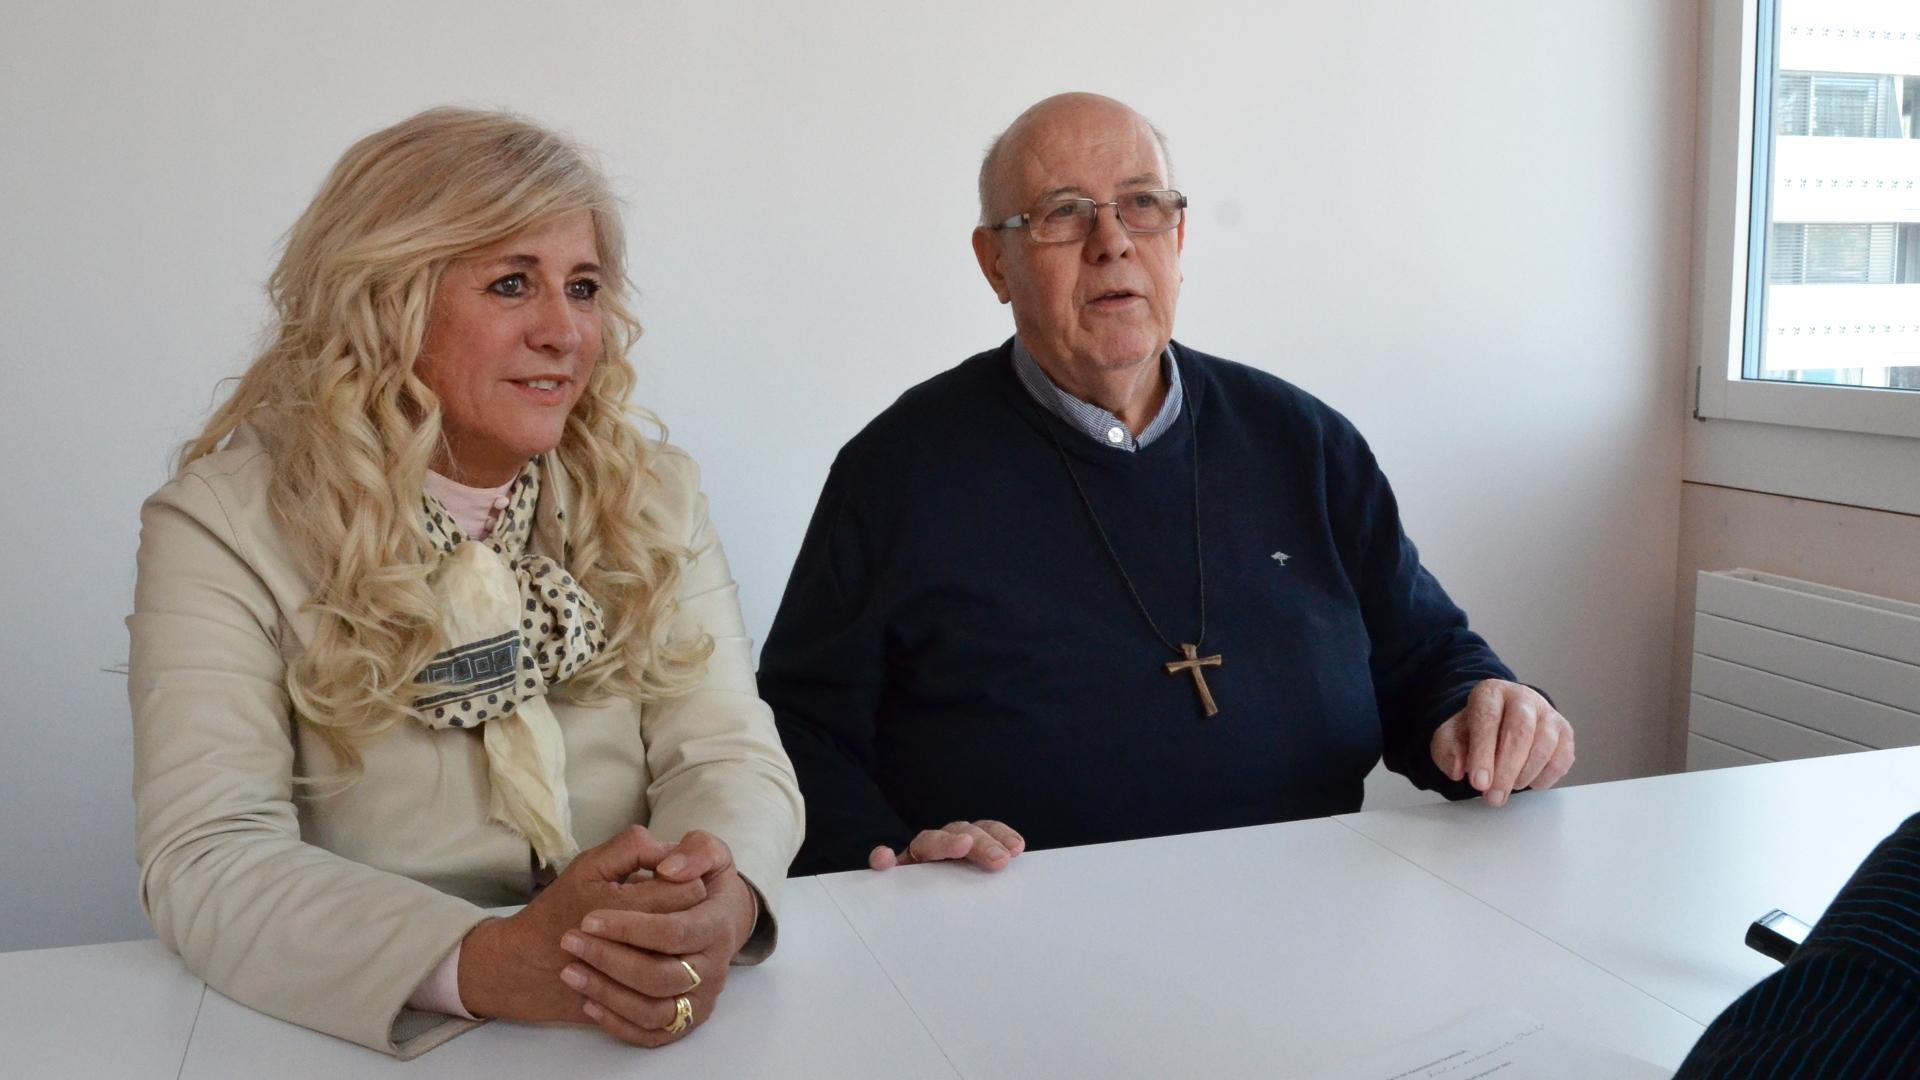 Bischof Martin Happe von Mauretanien und Lucia Wicki-Rensch von Kirche in Not | © Regula Pfeifer